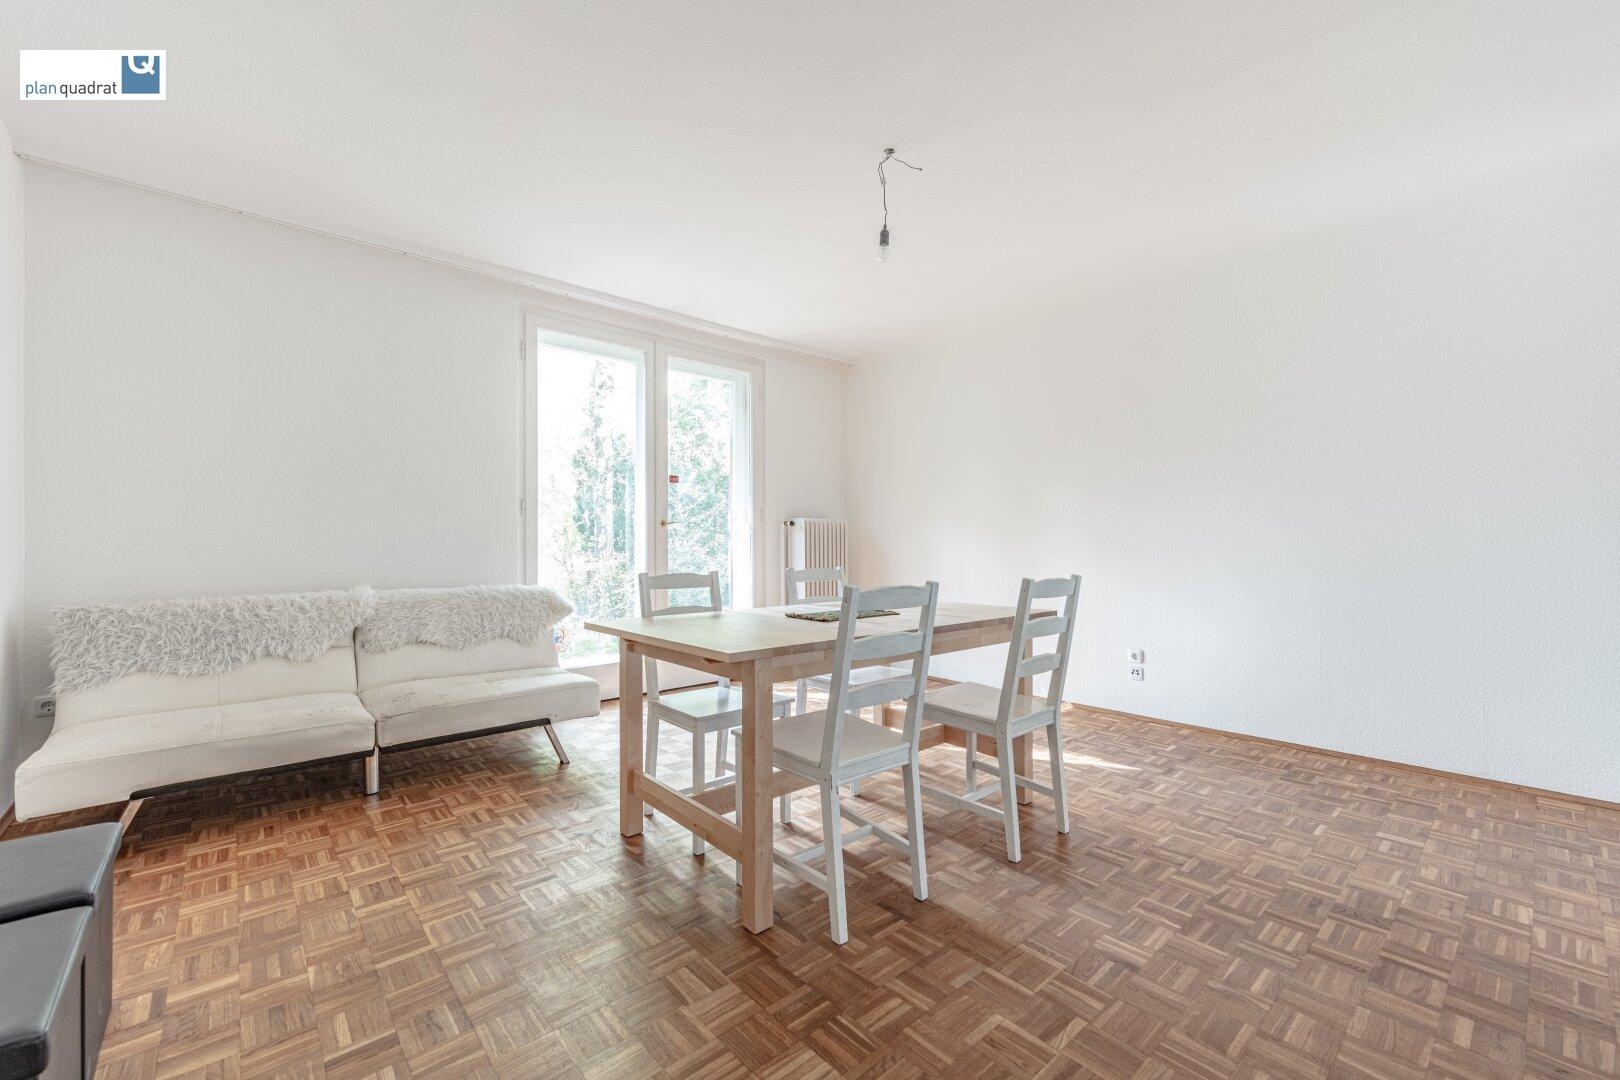 Zimmer 2 (ca. 18,60 m²) - mit Ausgang zur Terrasse